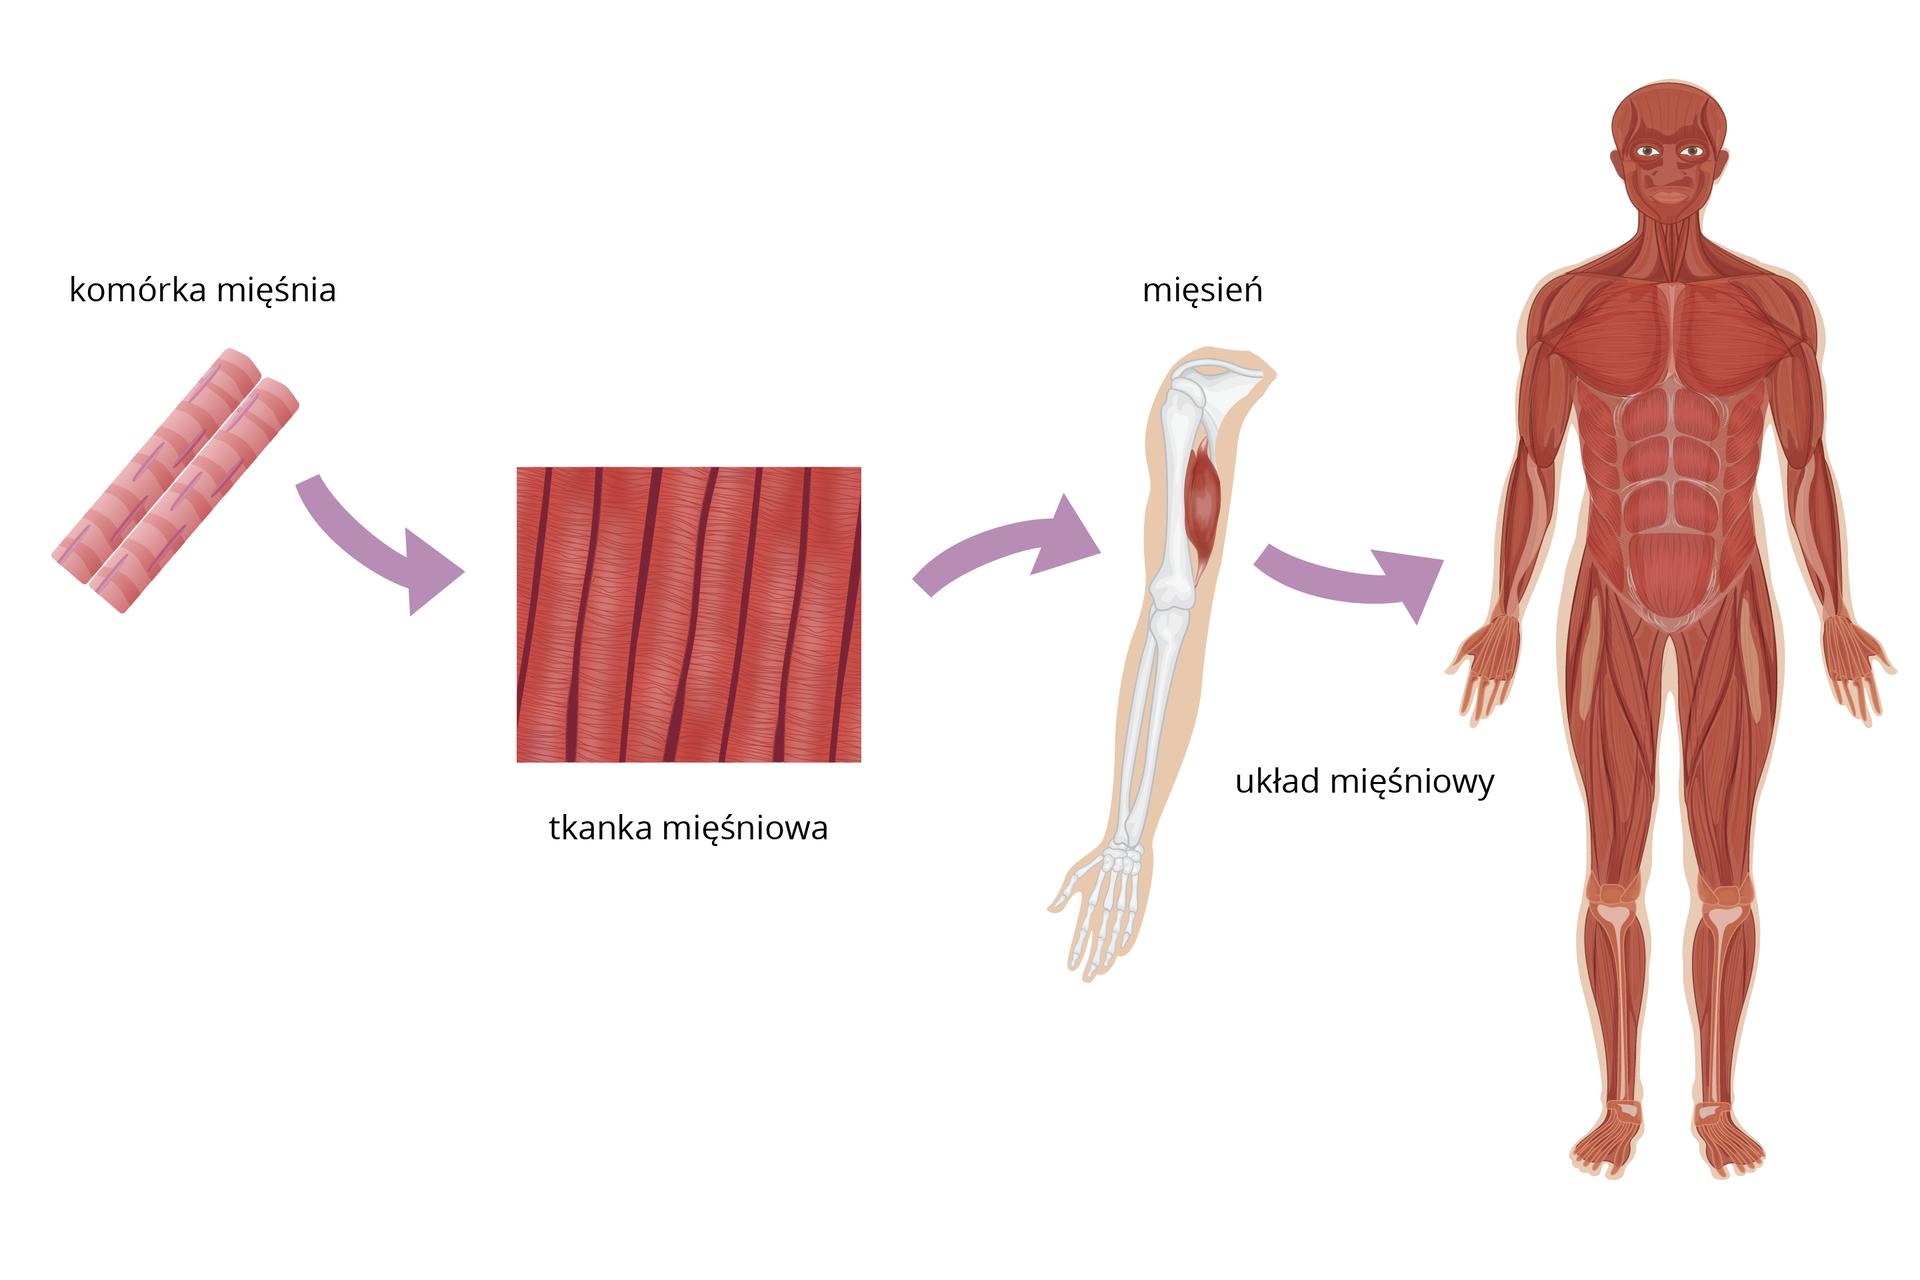 Schemat przedstawiający różne poziomy organizacji organizmu człowieka (komórka, tkanki, narządy, układy narządów)